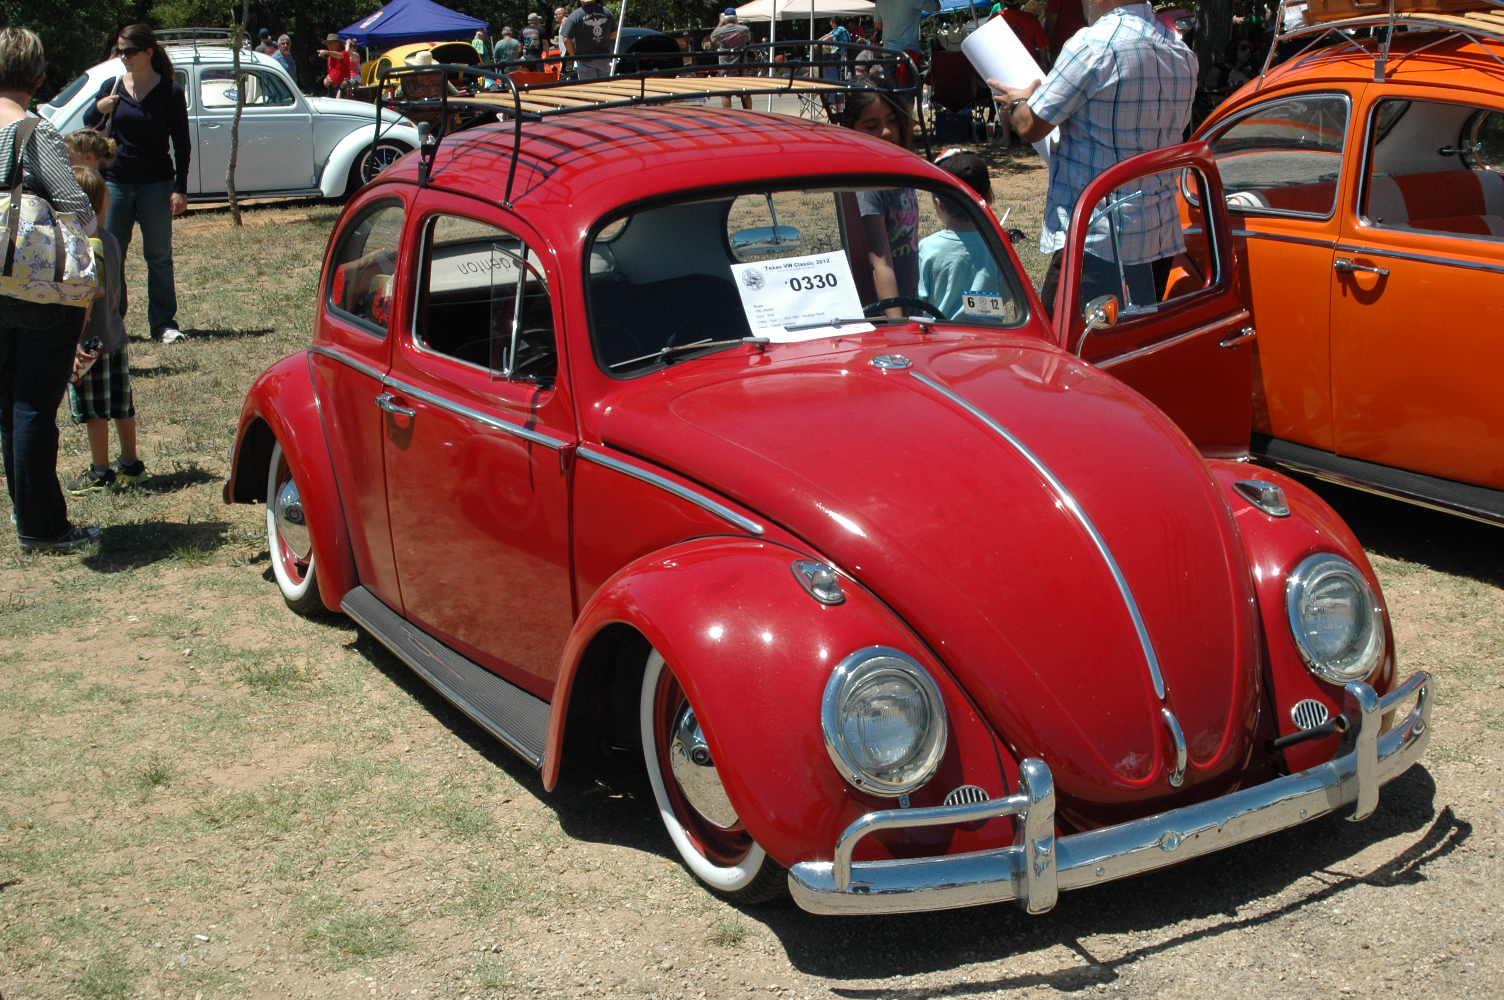 Rosie 0330 Texas Vw Classic